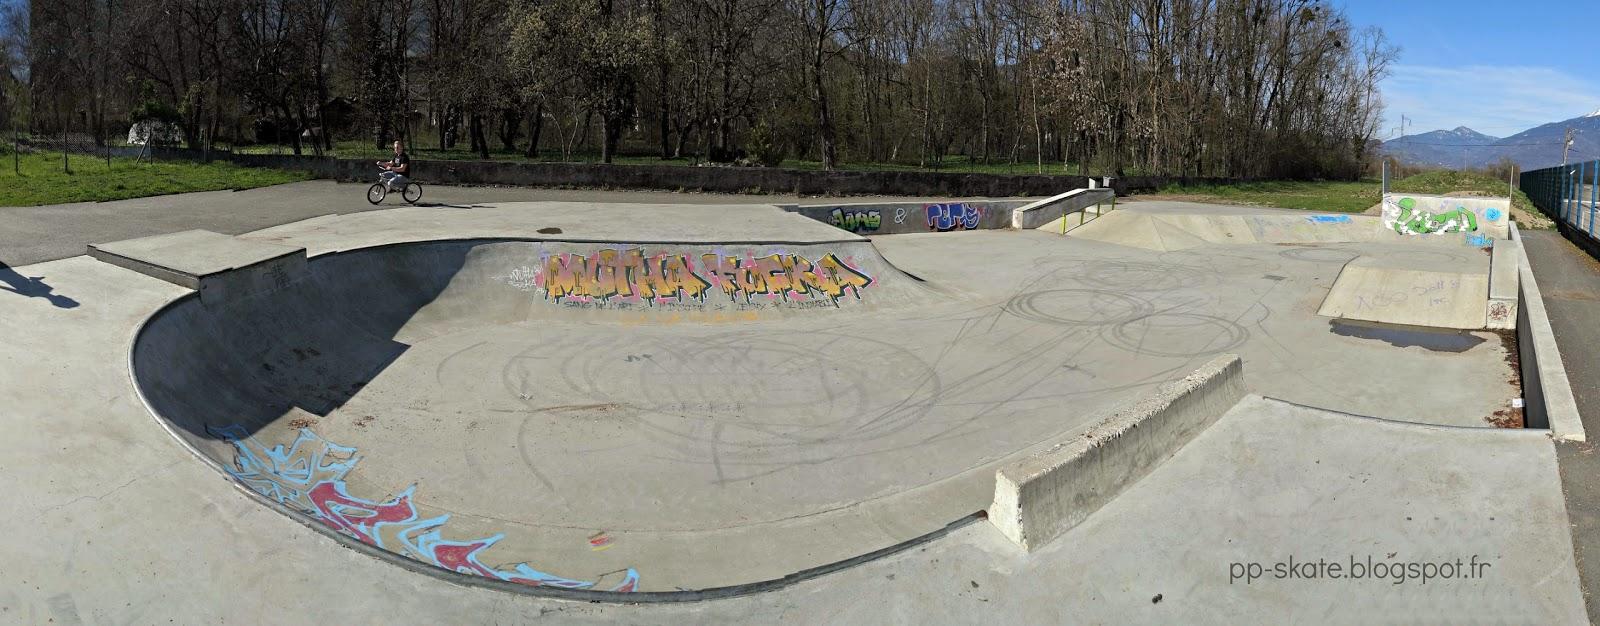 Skatepark Frontenex